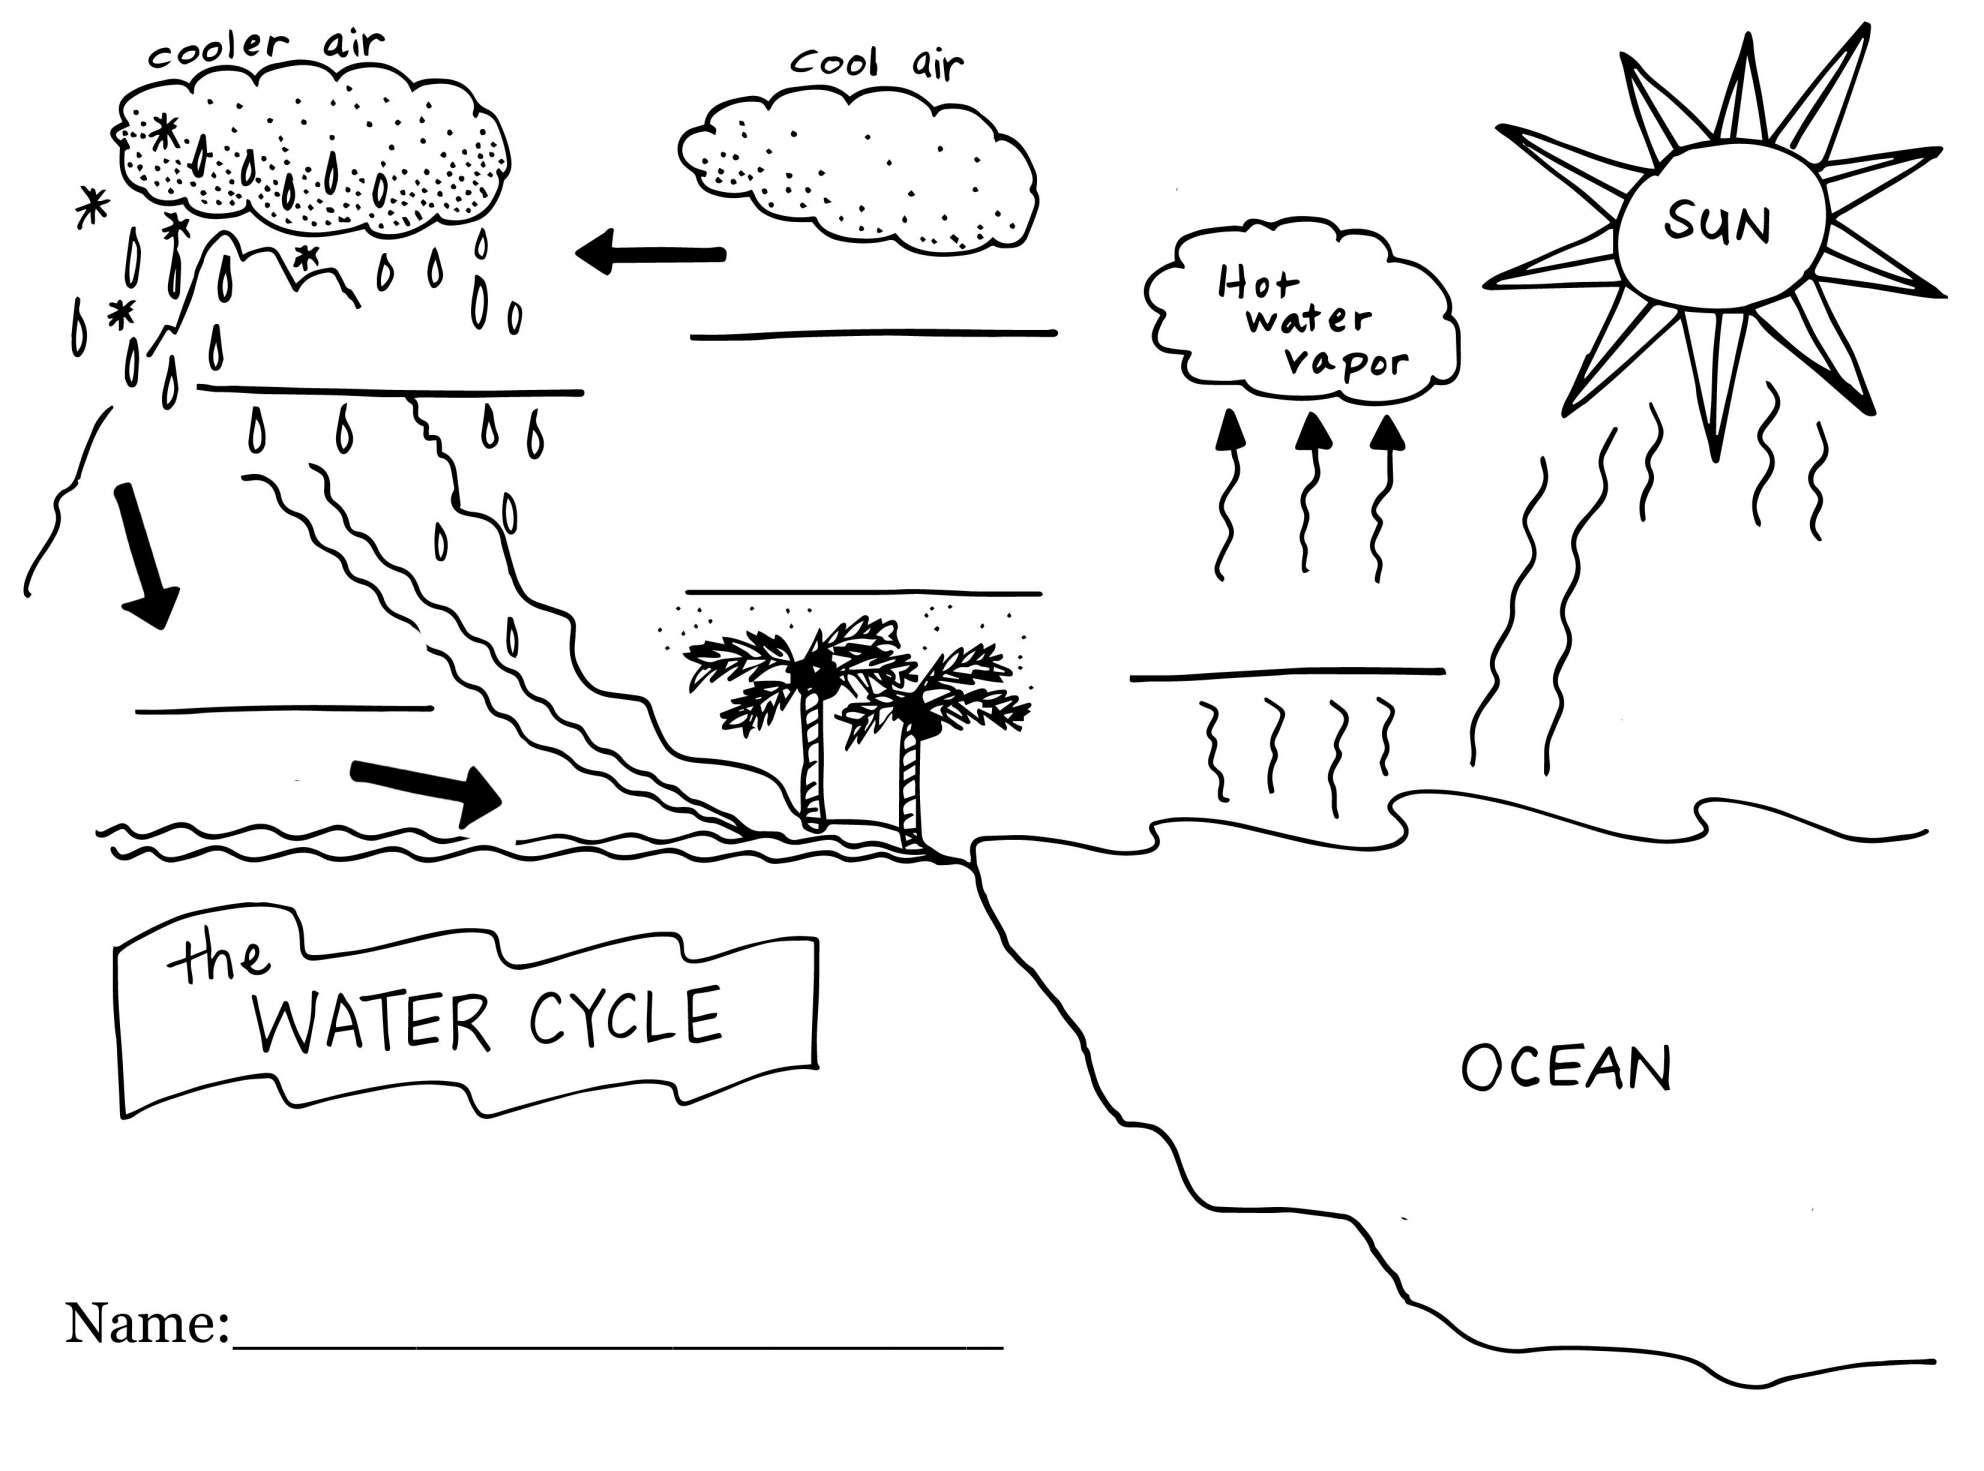 Pin On دورة المياه [ 1471 x 1984 Pixel ]